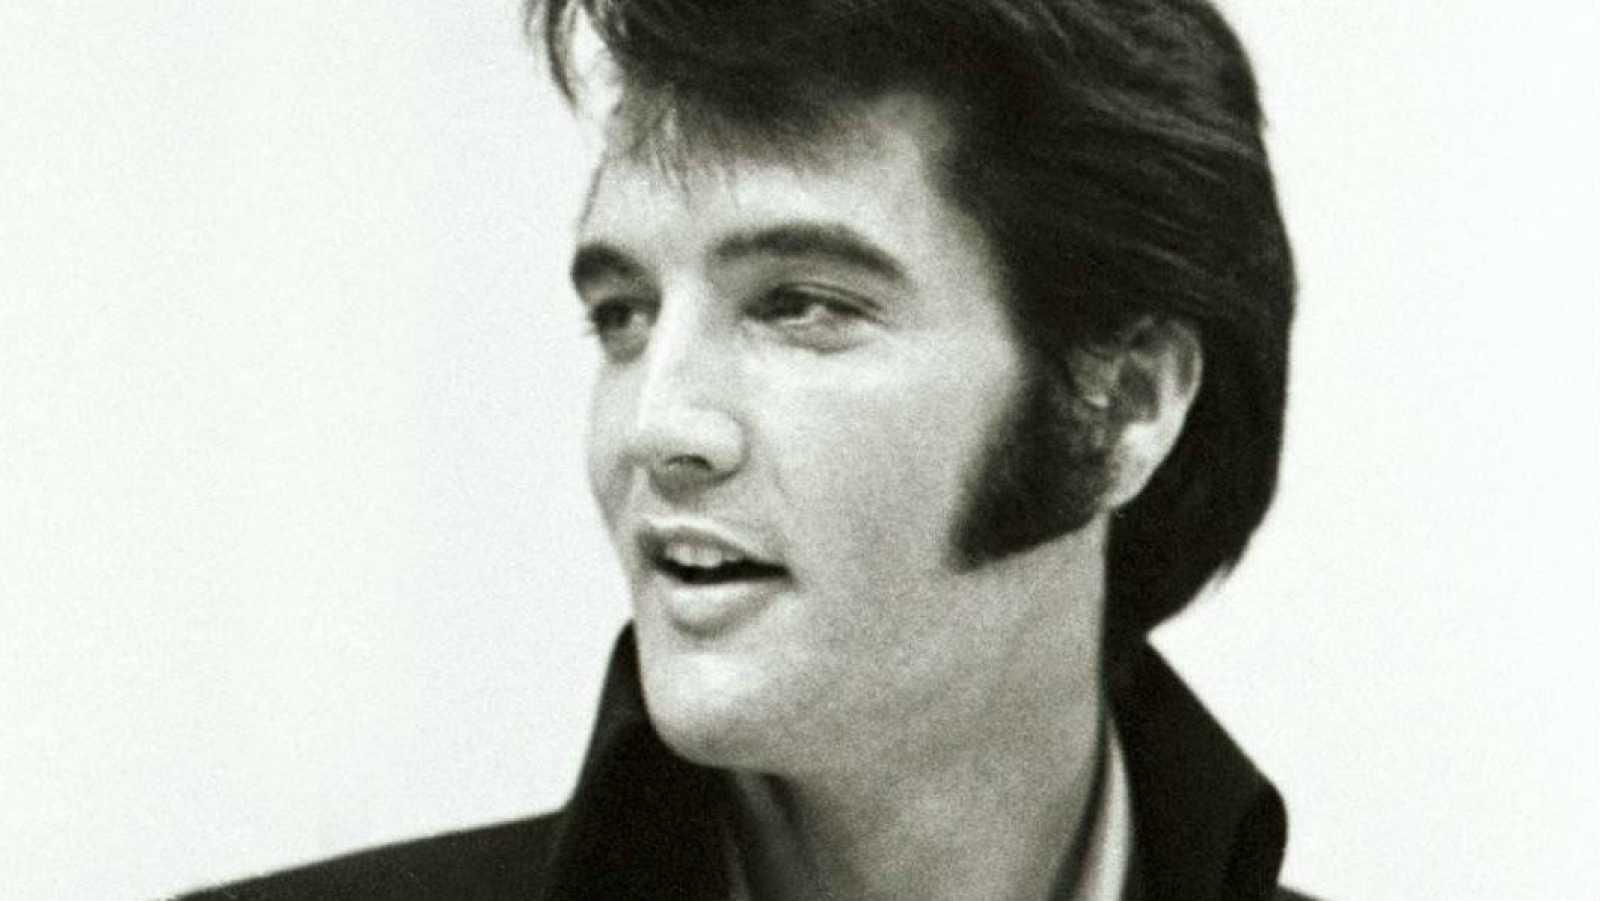 """La hemerockteca - """"Heartbreak hotel"""" Elvis Presley 1956  - 20/01/19 - Escuchar ahora"""